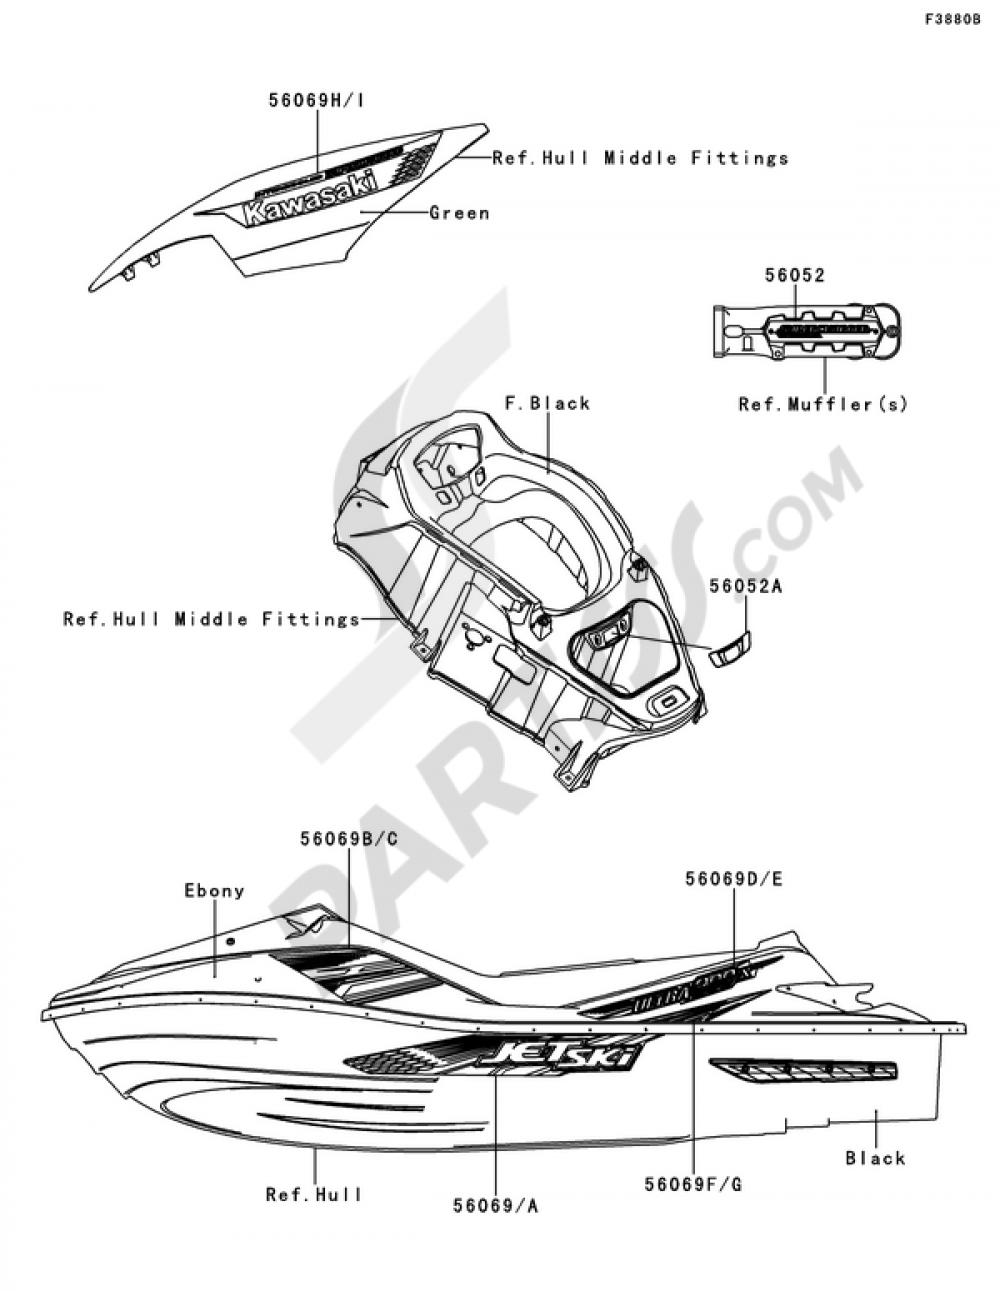 Jet ski ultra 300x 2012 71 1000 png